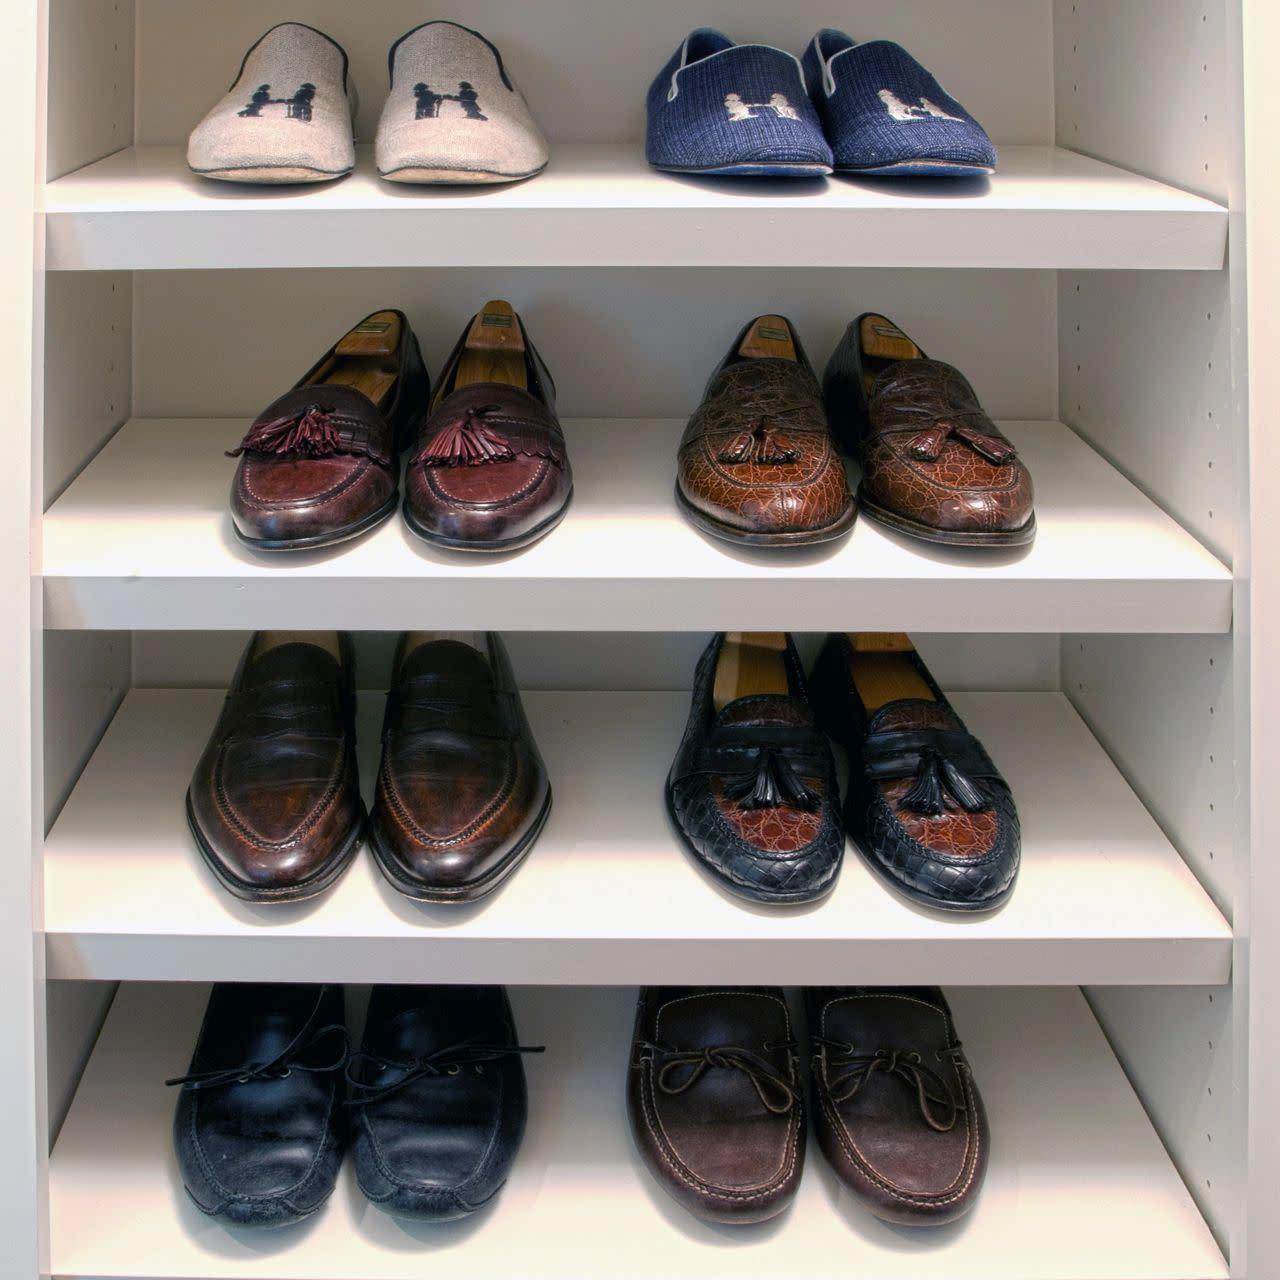 shoe shelving closet